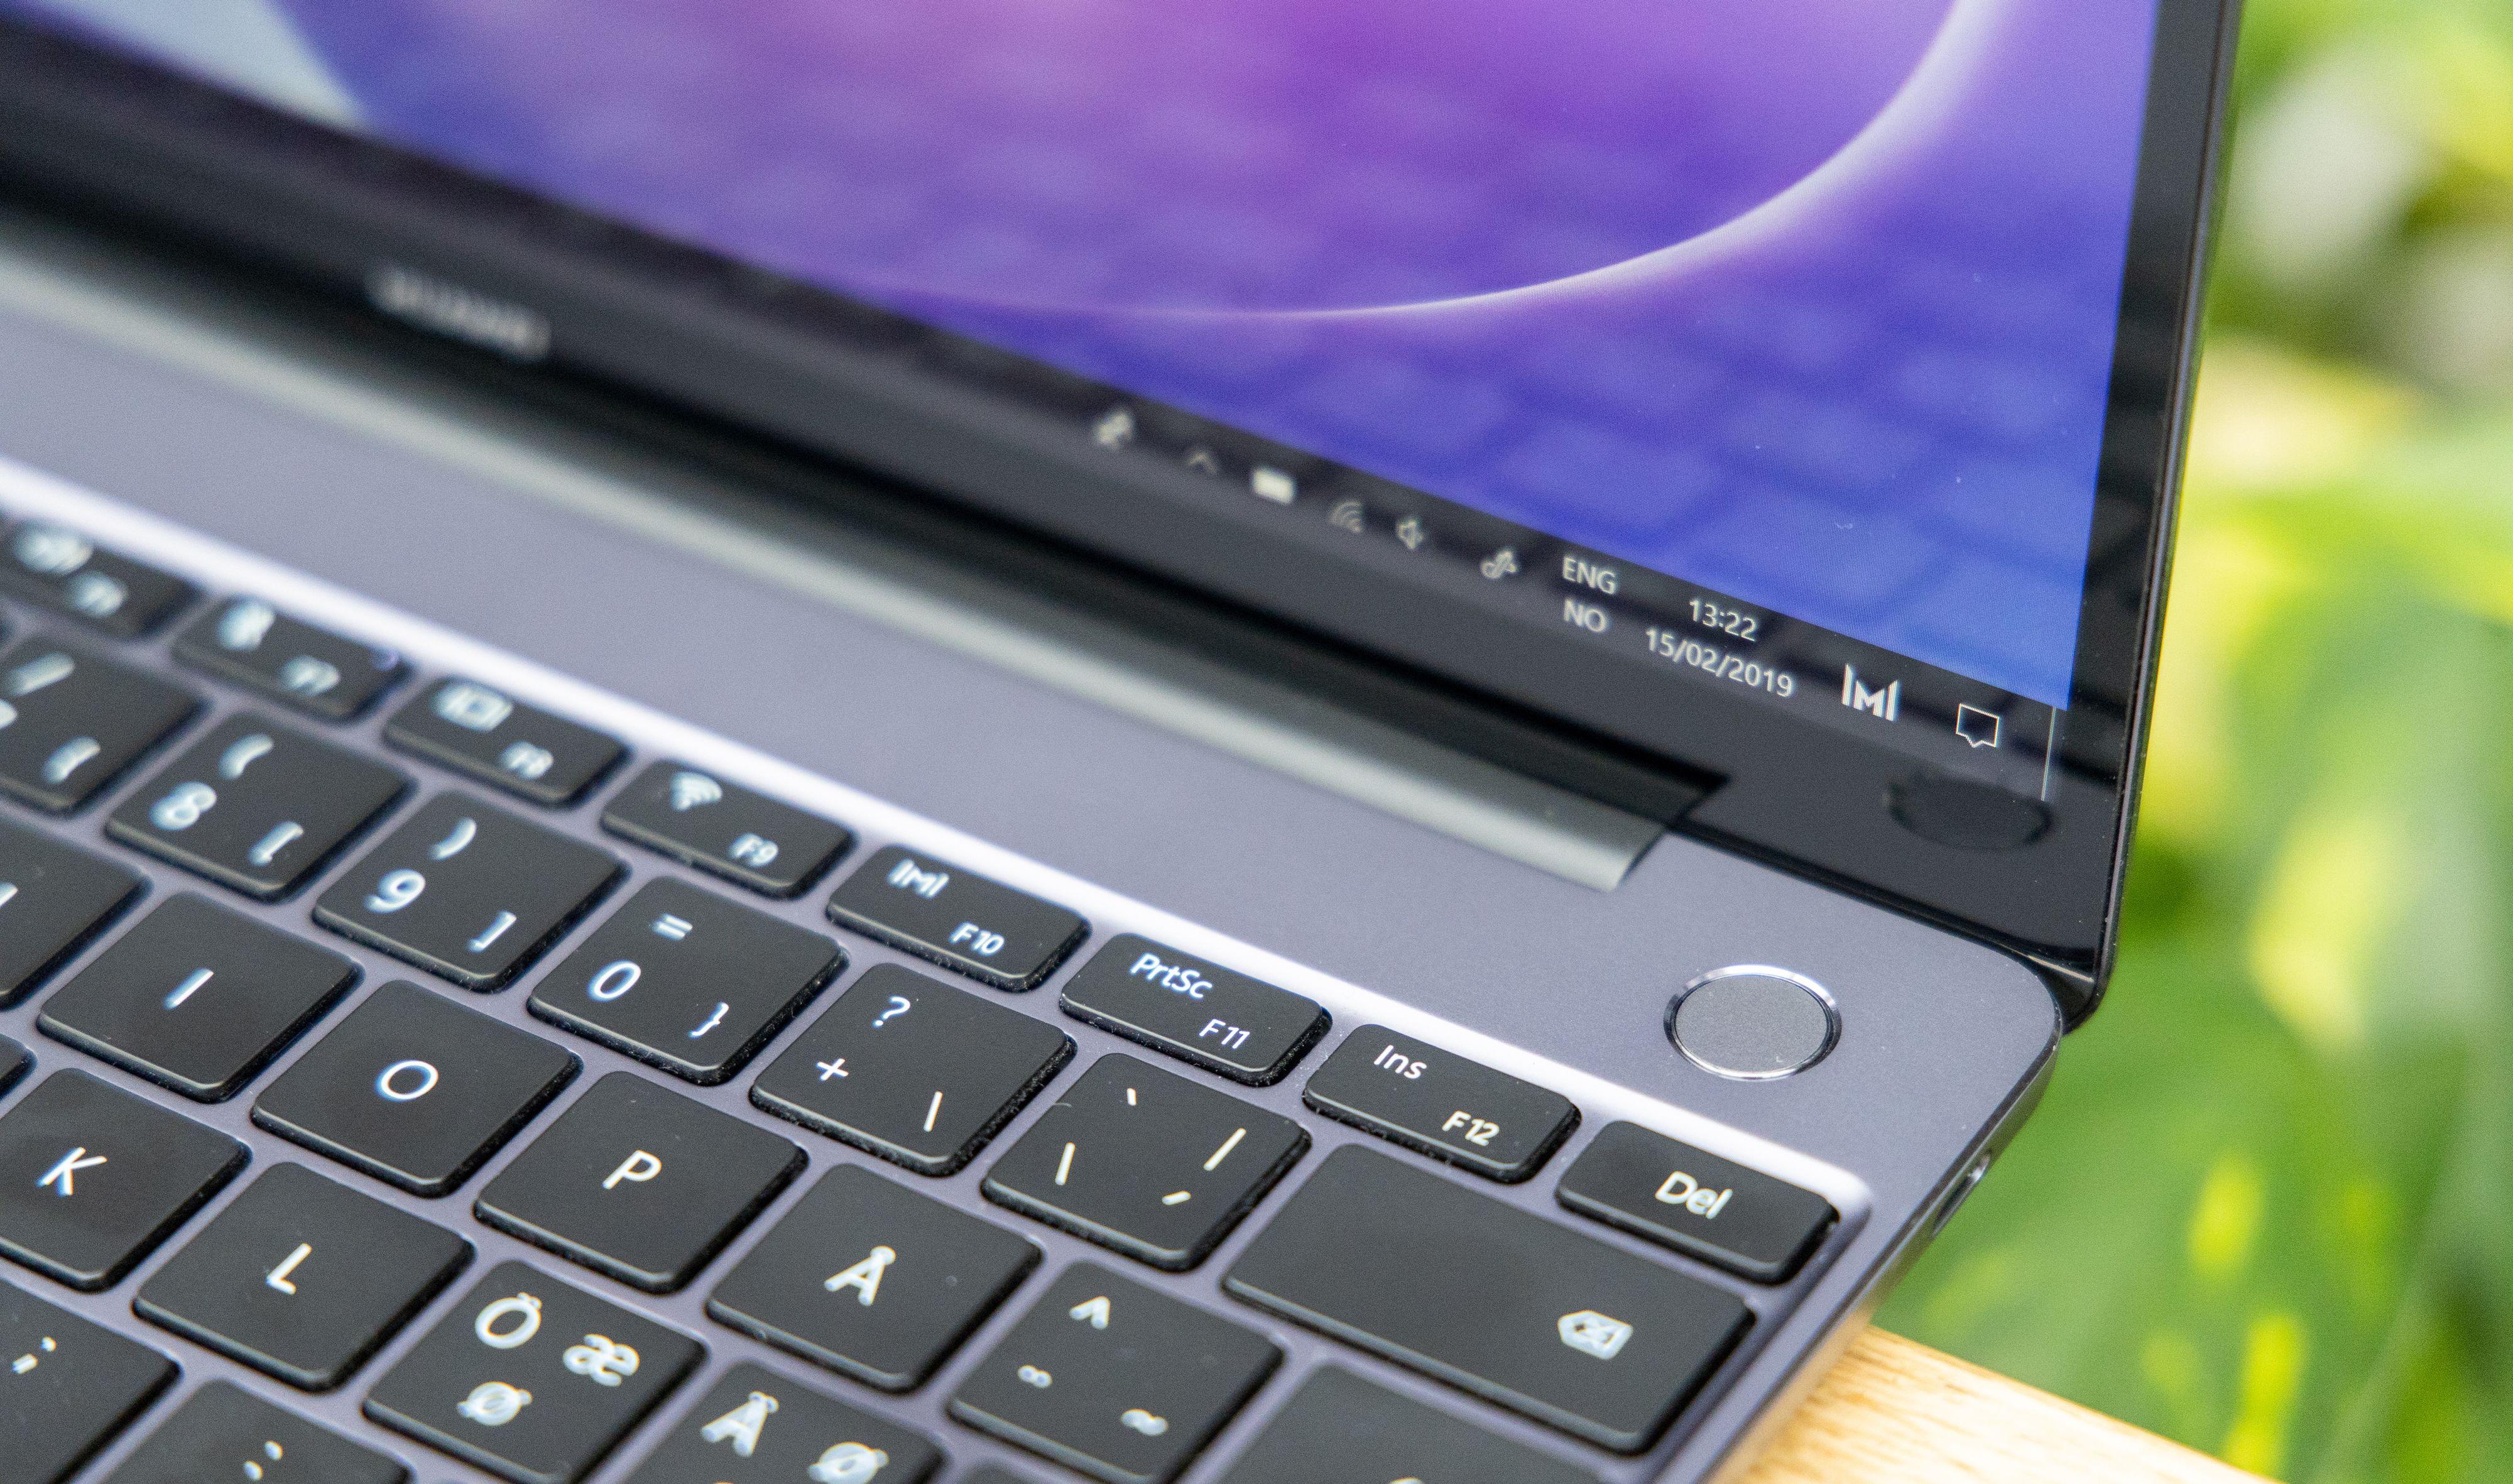 Det er ikke gitt at det blir flere MateBook-maskiner fremover, med mindre restriksjonene løftes.